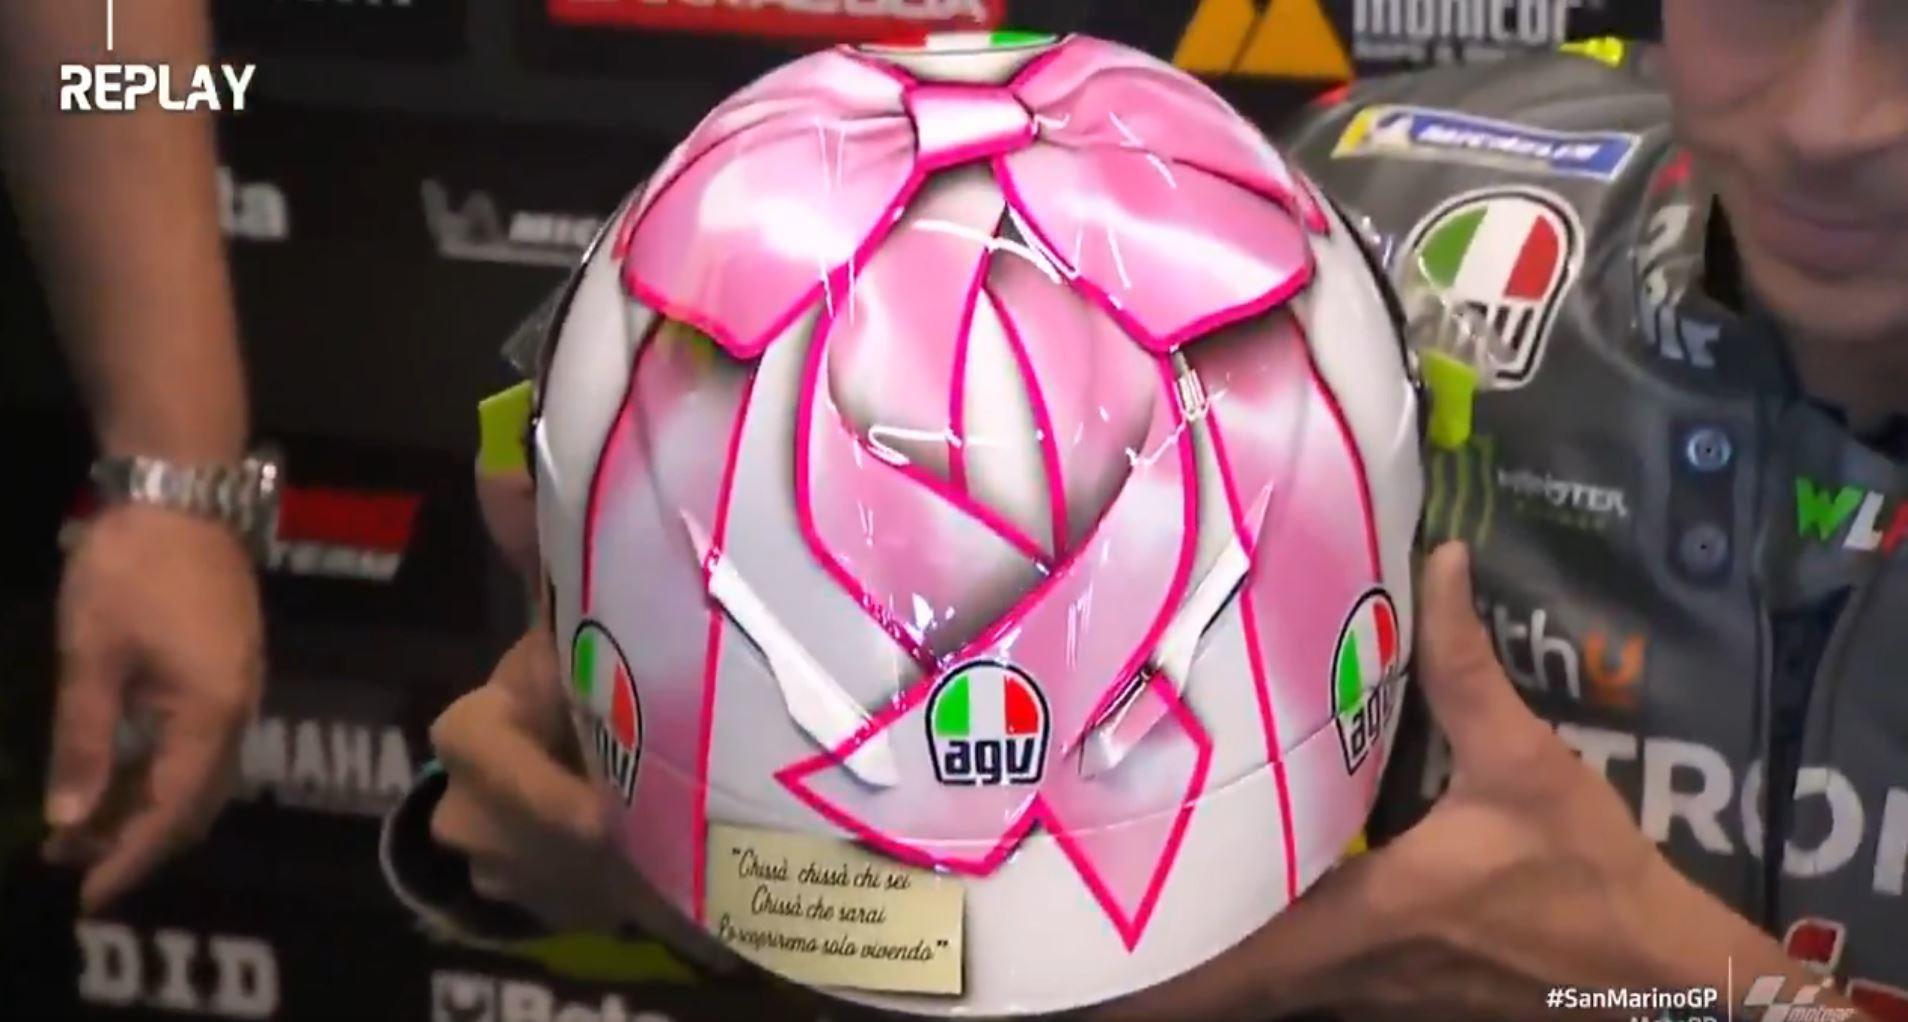 Penultima visita a Misano per Valentino Rossi che in vista del GP di San Marino di MotoGP ha deciso di celebrare la prossima paternit&agrave; con un casco speciale. Livrea con fiocco rosa per il &quot;Dottore&quot;, che nei prossimi mesi diventer&agrave; pap&agrave; di una bimba, con un papiro che cita una canzone di Battisti: &quot;Chiss&agrave;, chiss&agrave; chi sei. Chiss&agrave; che sarai. Lo scopriremo solo vivendo&quot;.<br /><br />